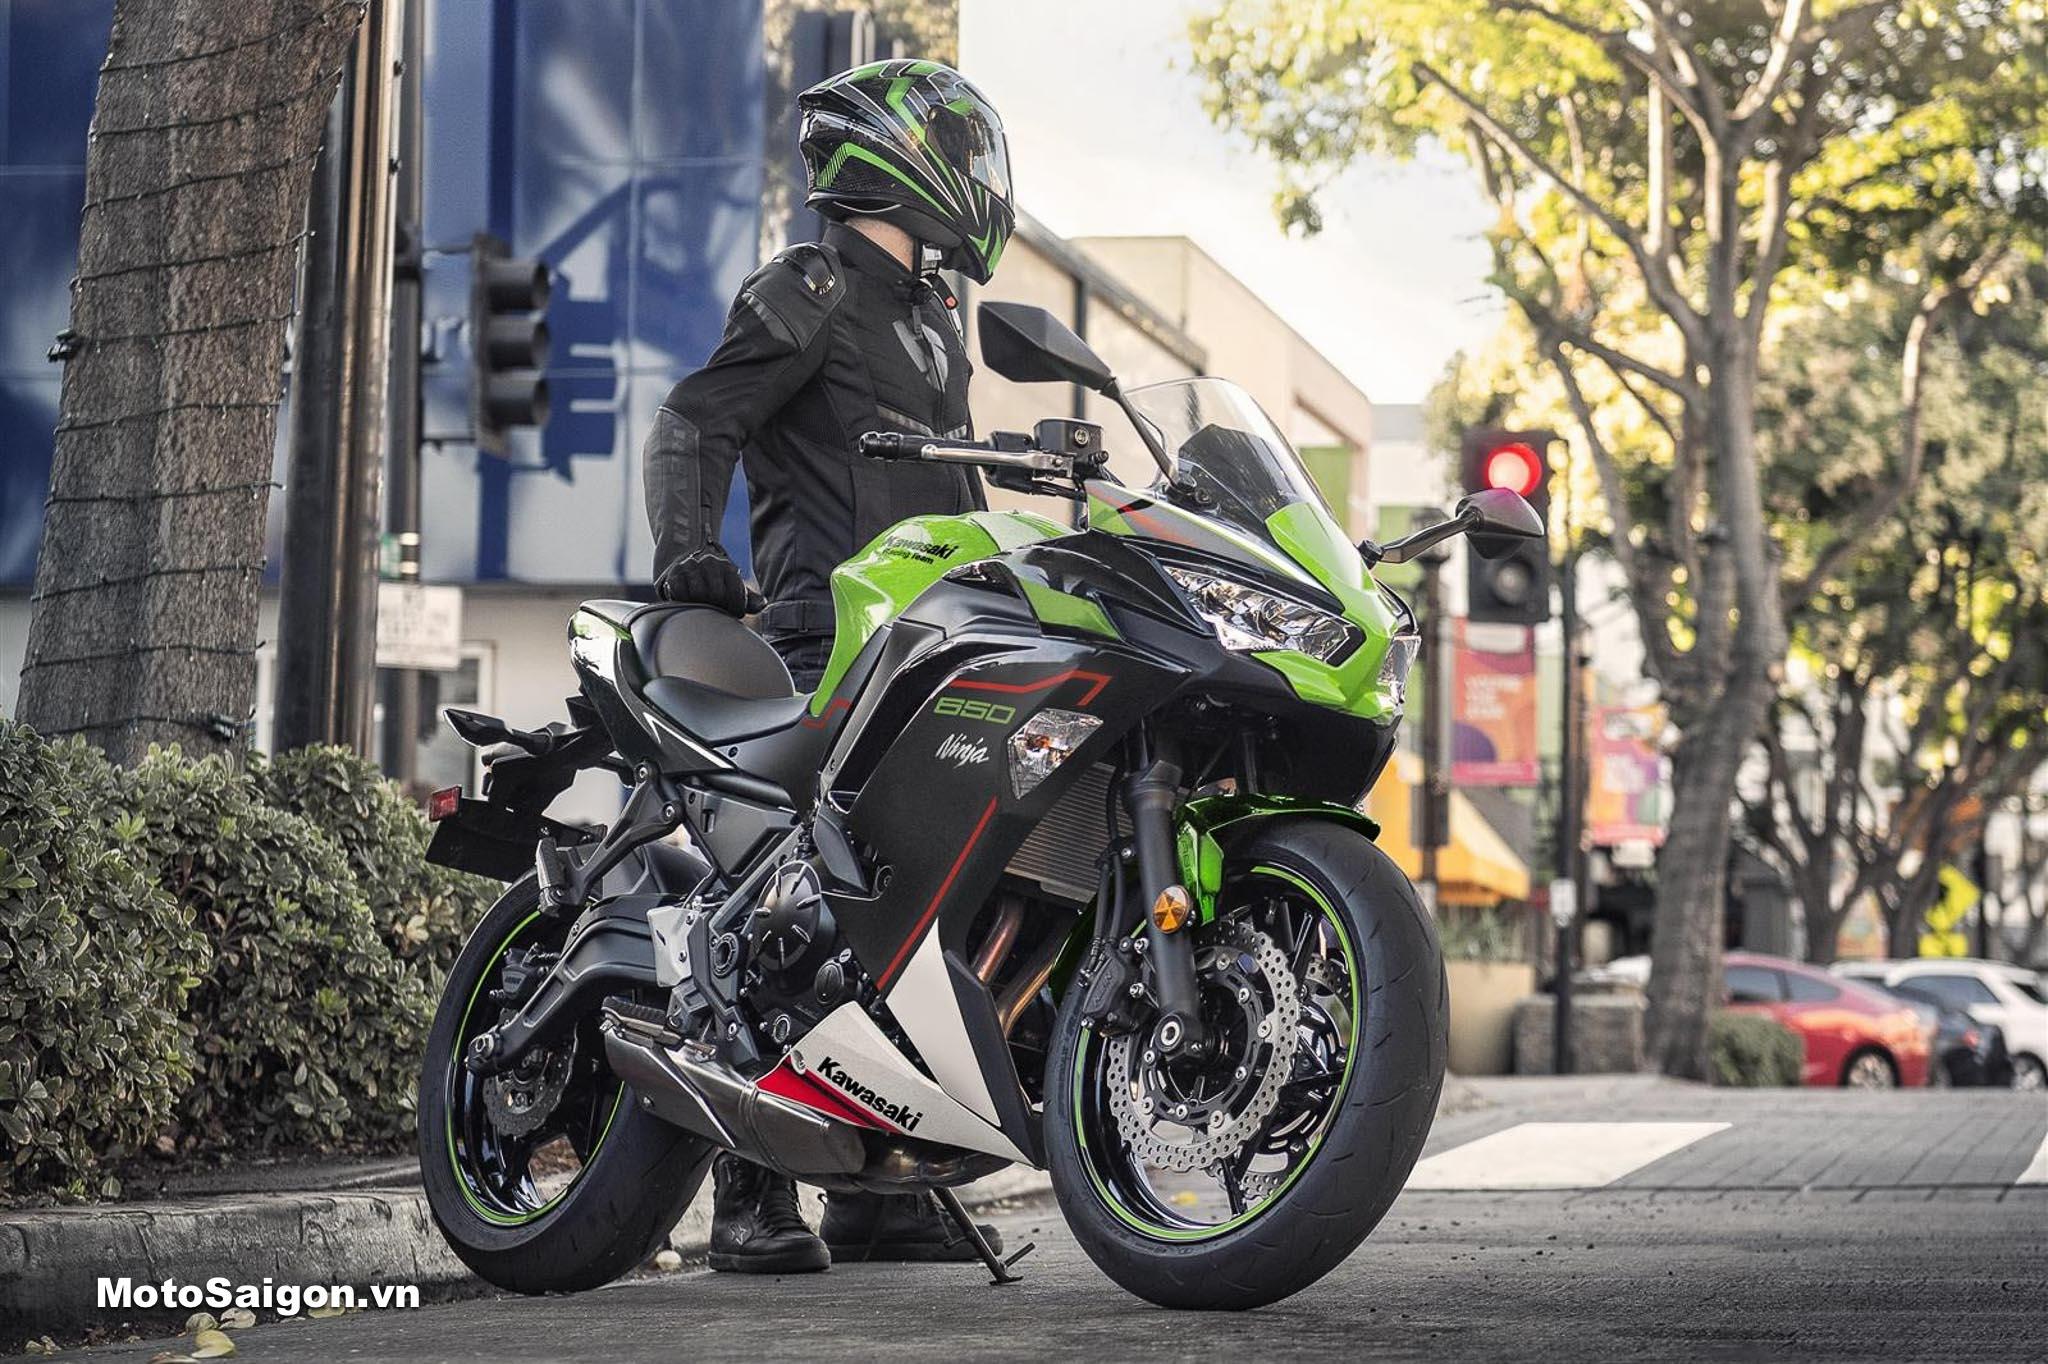 Ninja 650 2022 chính thức được Kawasaki ra mắt với 4 gói độ đáng giá